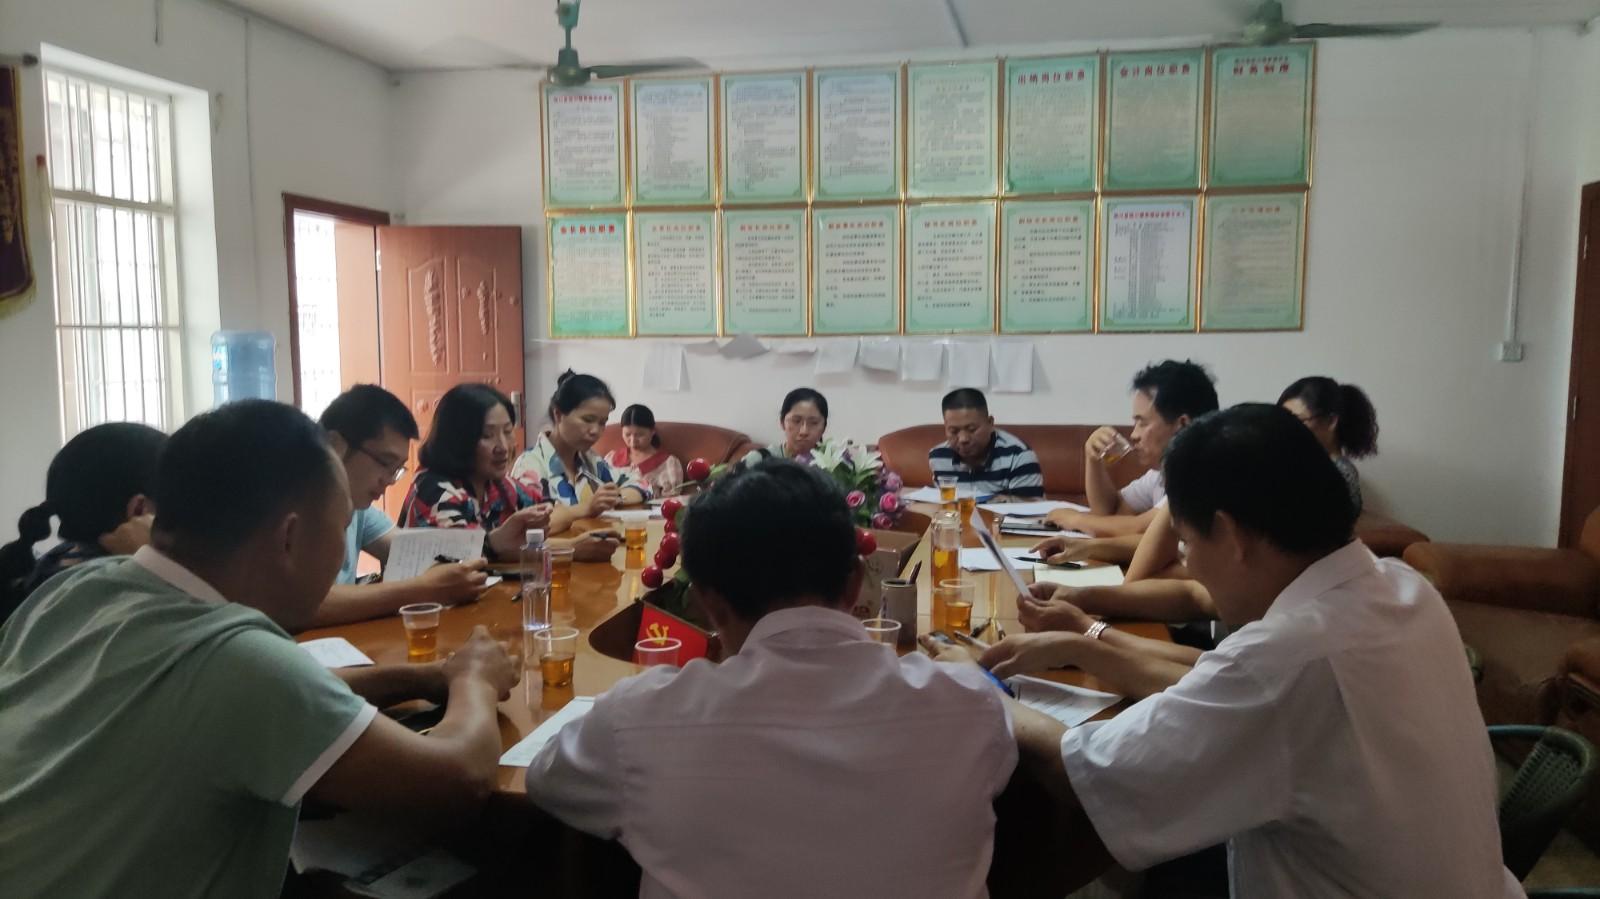 2021-7-7 广西生猪创新团队与陆川猪养殖协会座谈交流新闻照片-1.jpg